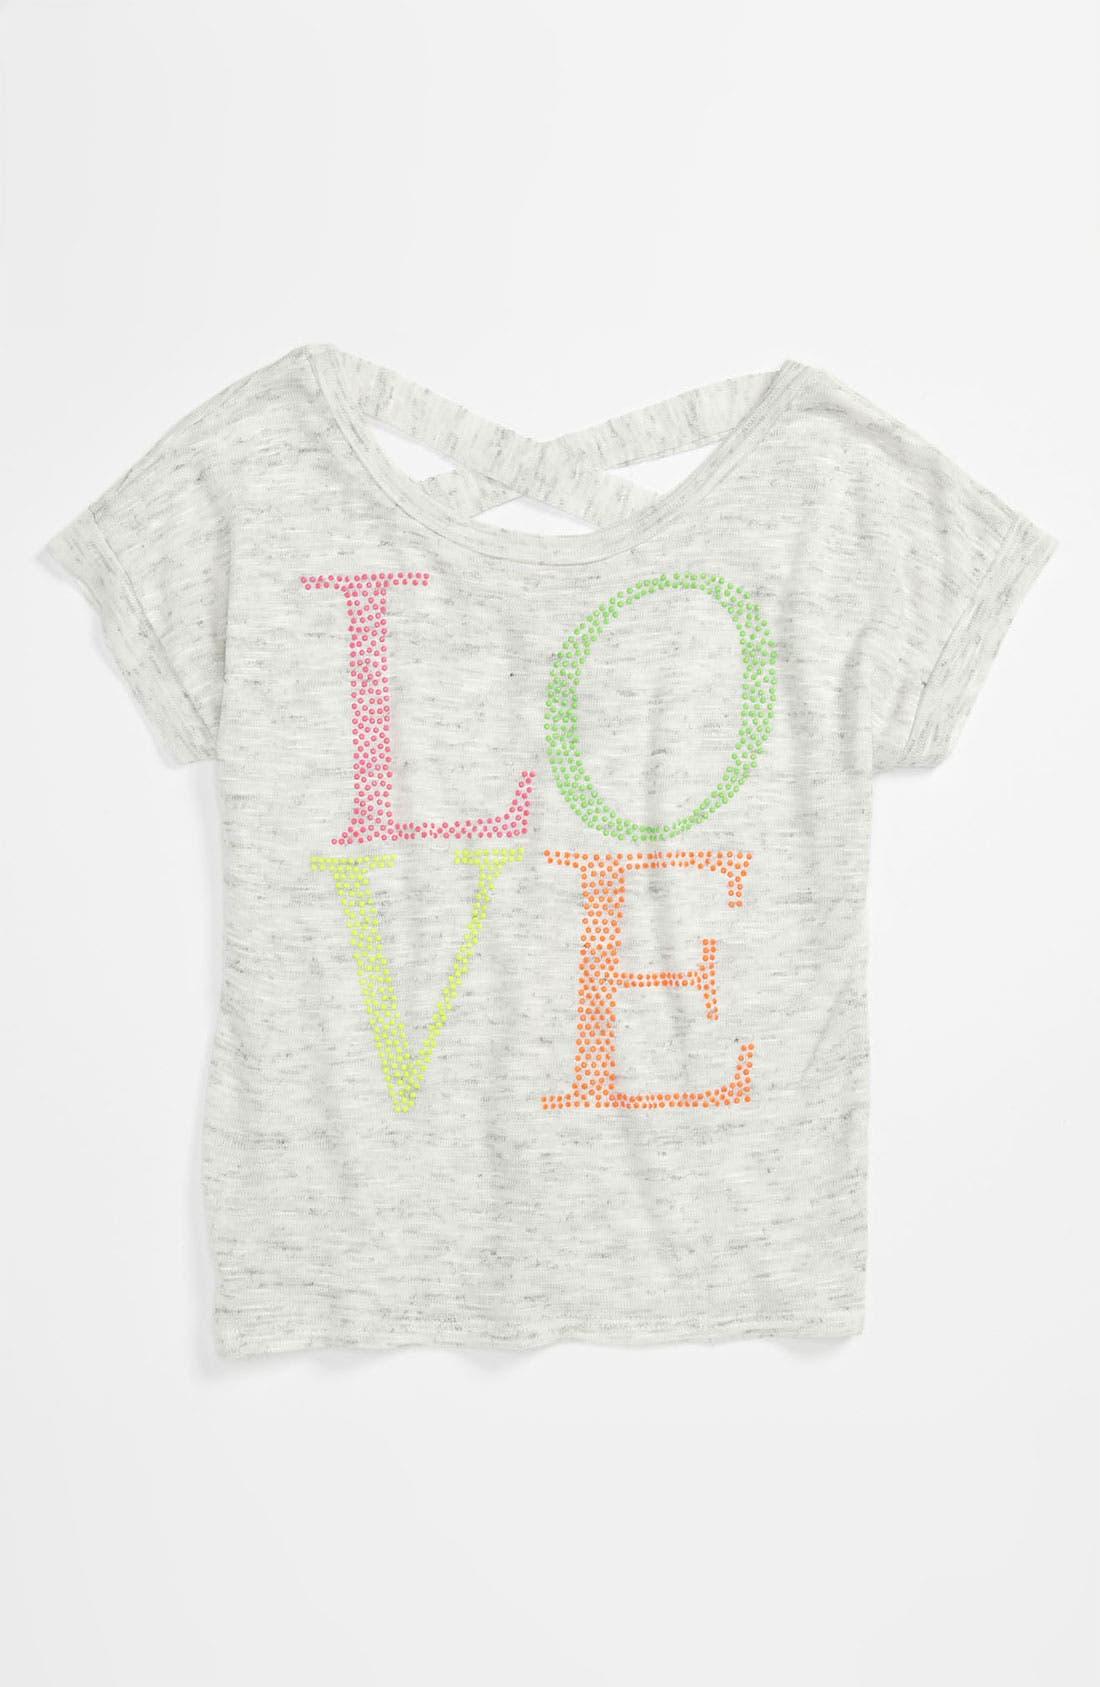 Alternate Image 1 Selected - Kiddo 'Love' Top (Little Girls)